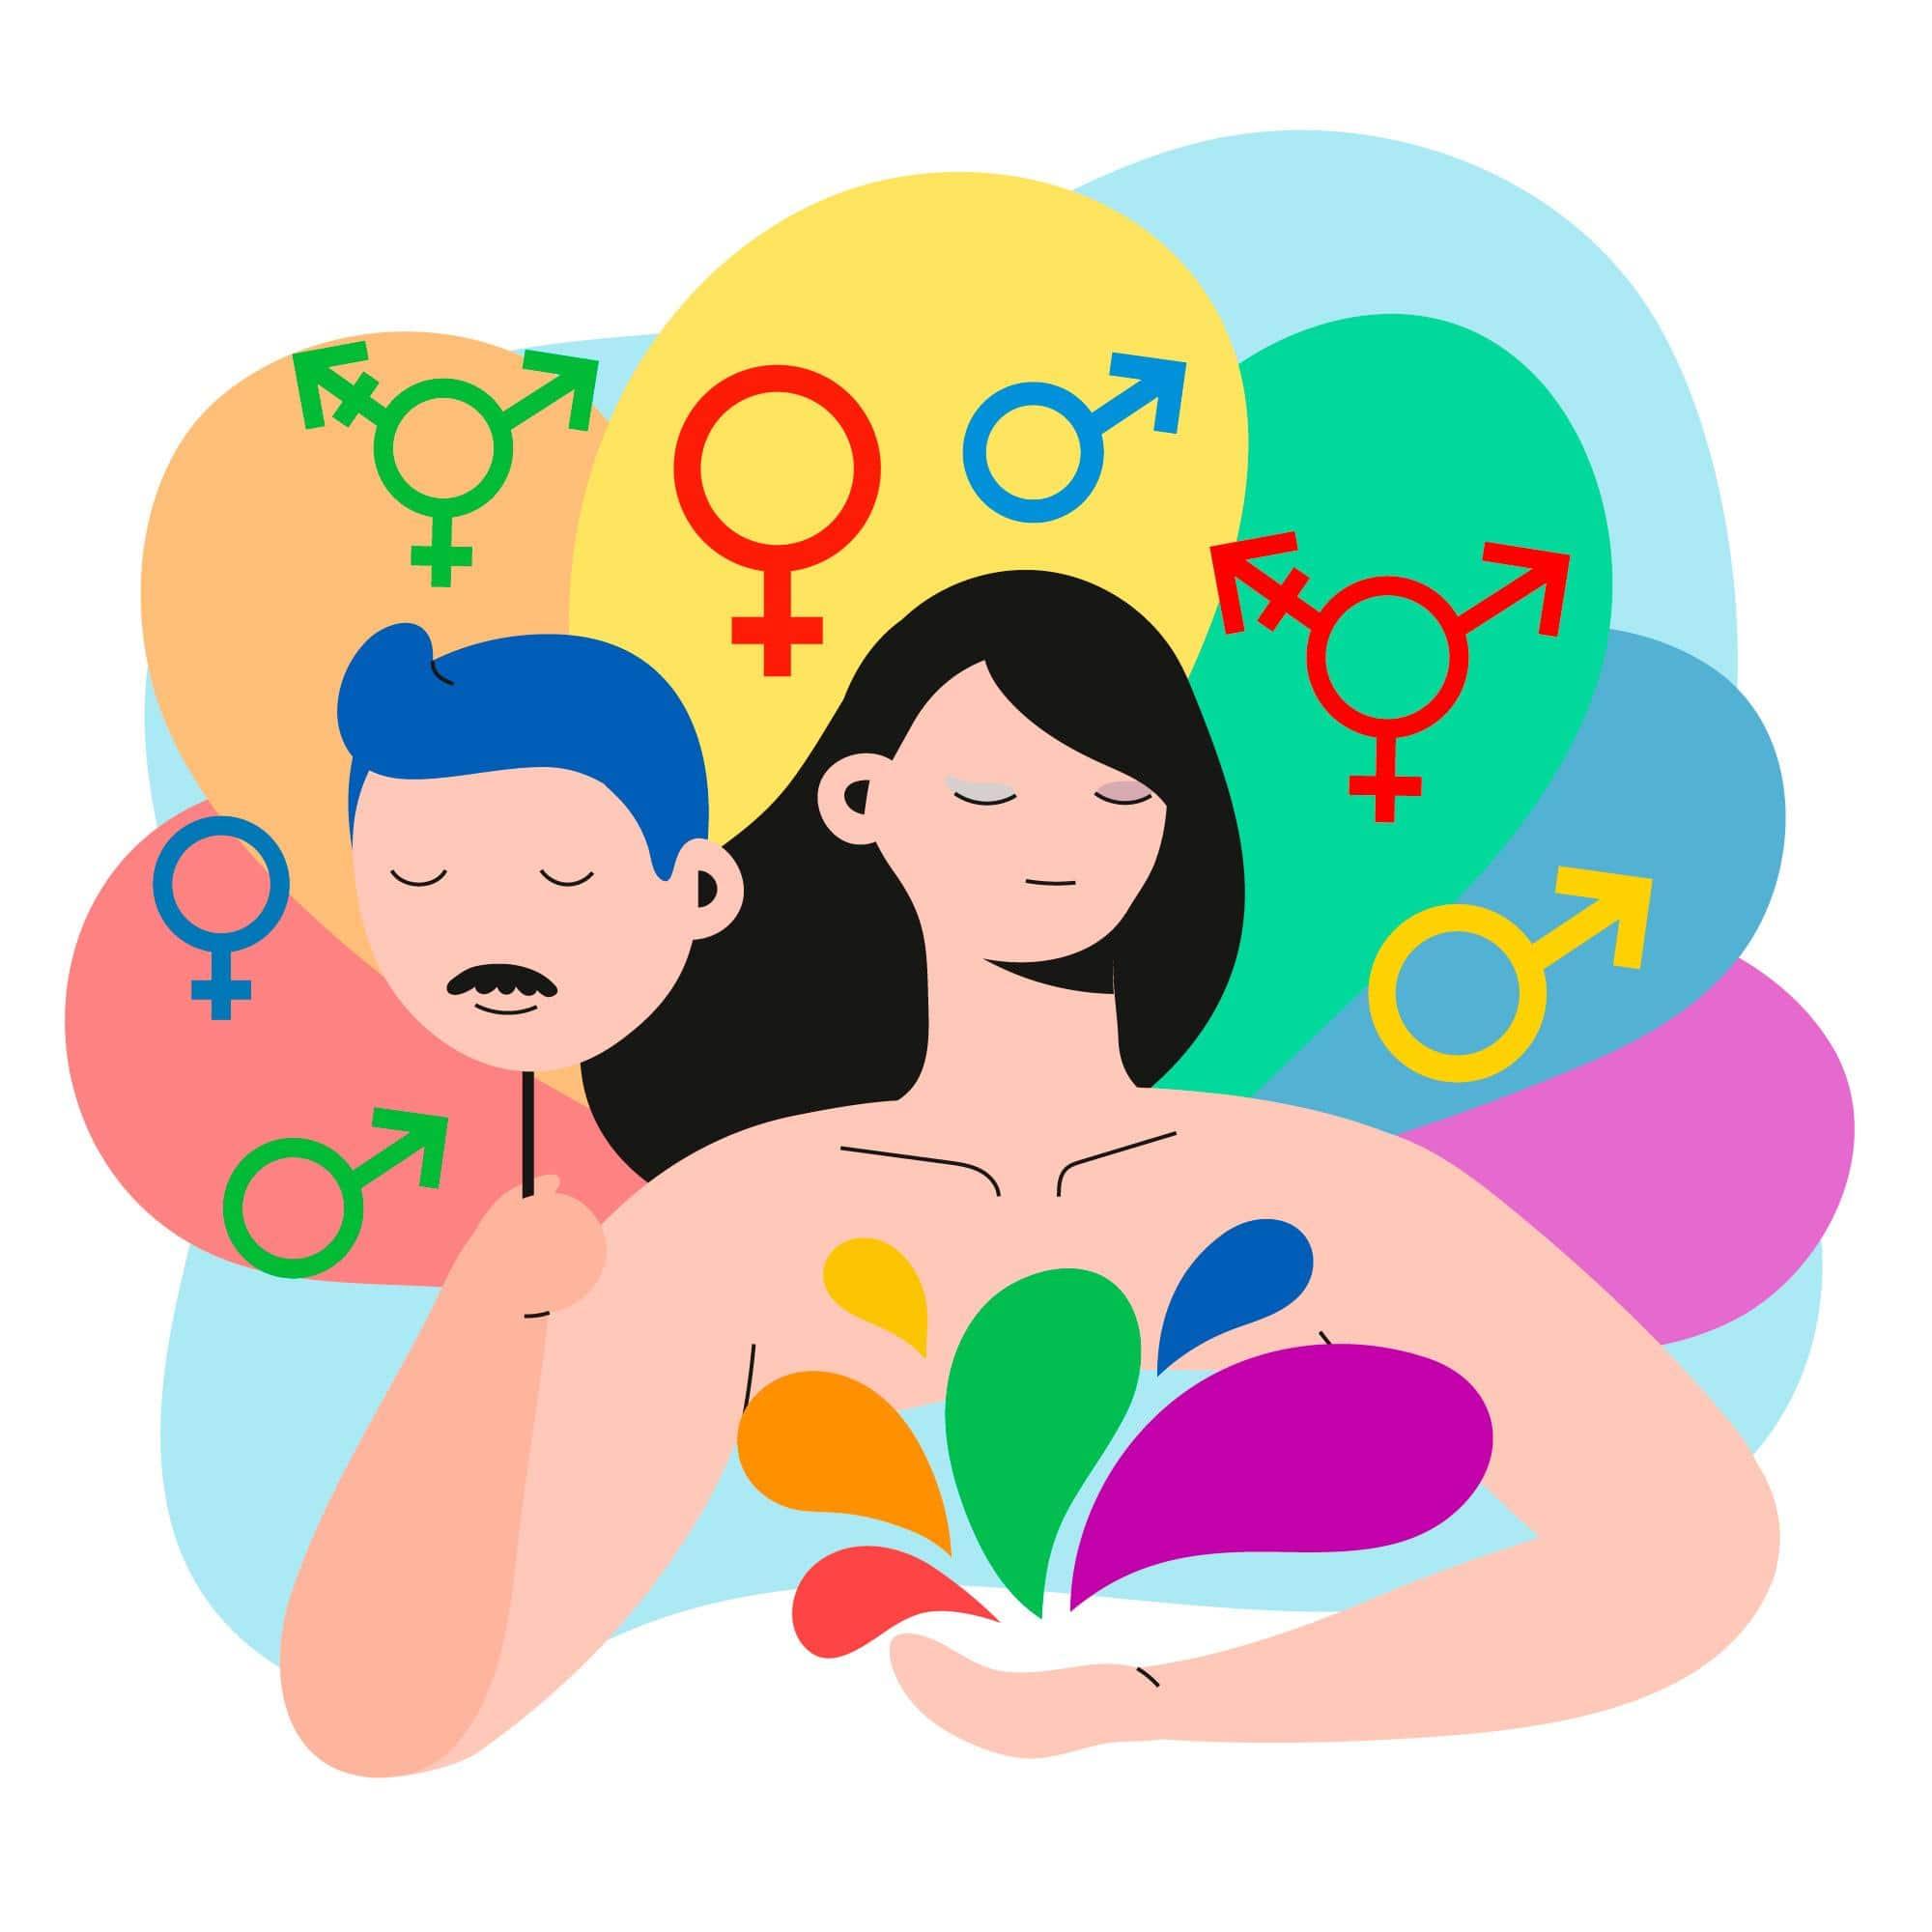 sex, gender, gender identity, sexual orientation